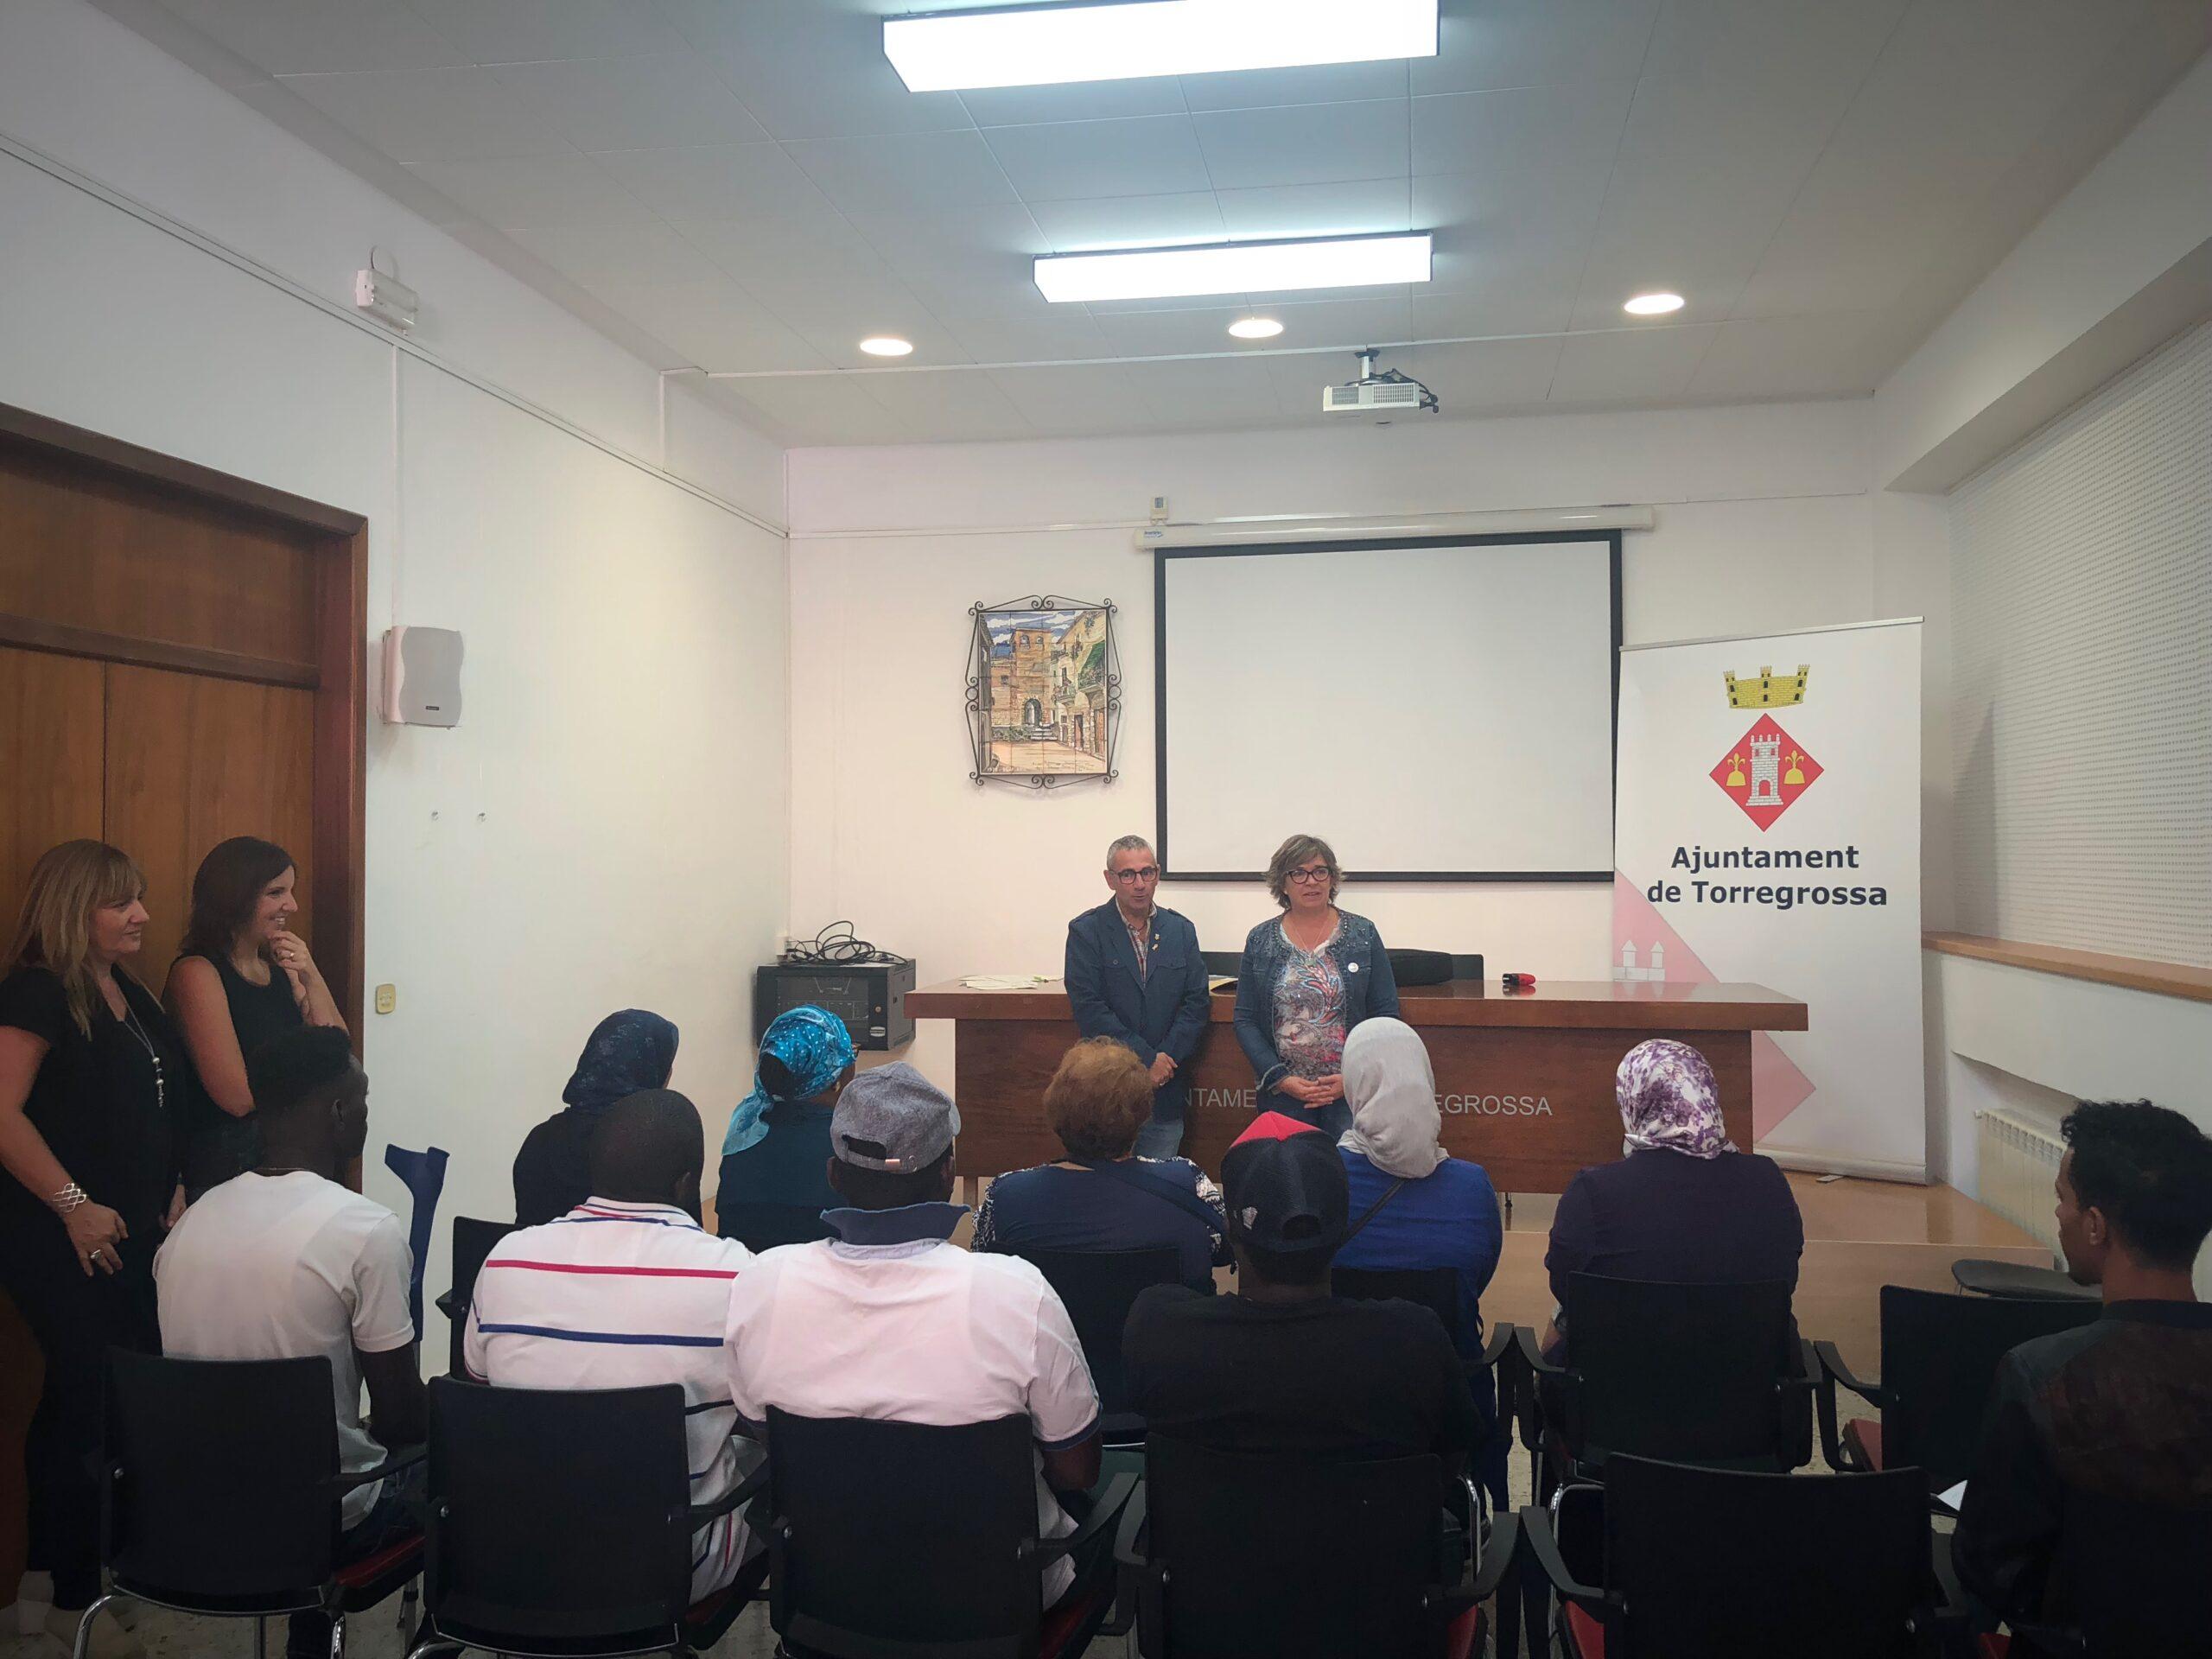 Foto curs d'alfabetizació de català a Torregrossa